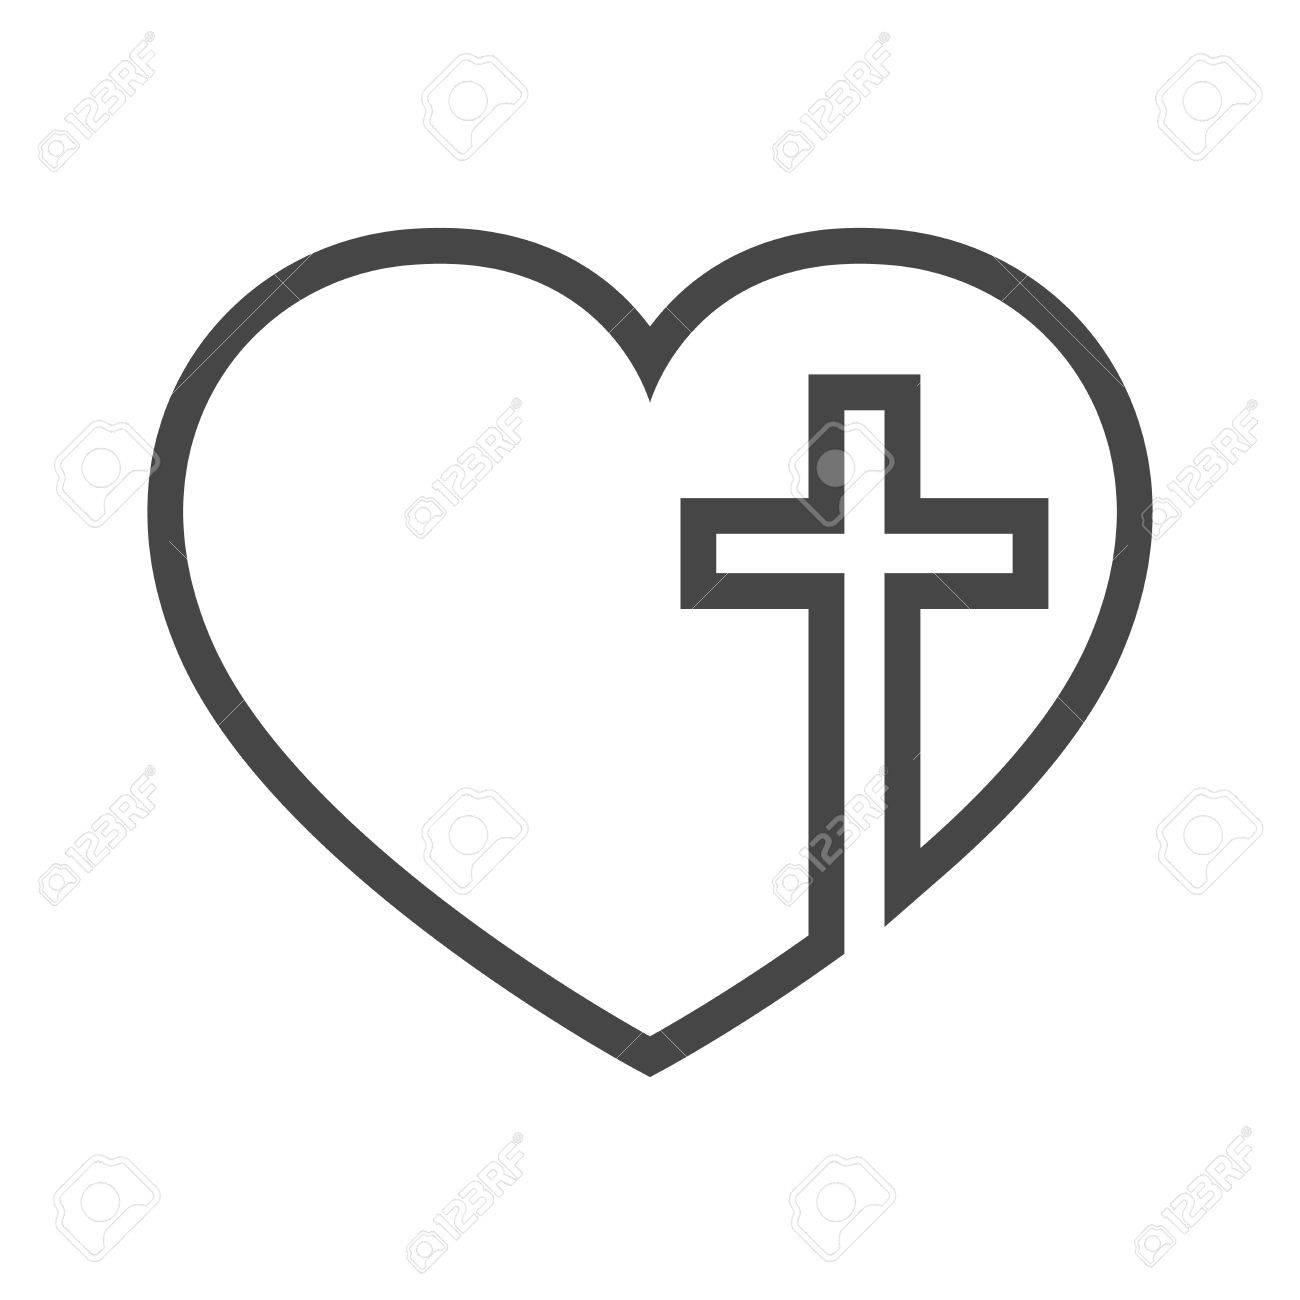 Cross In Heart Clipart.